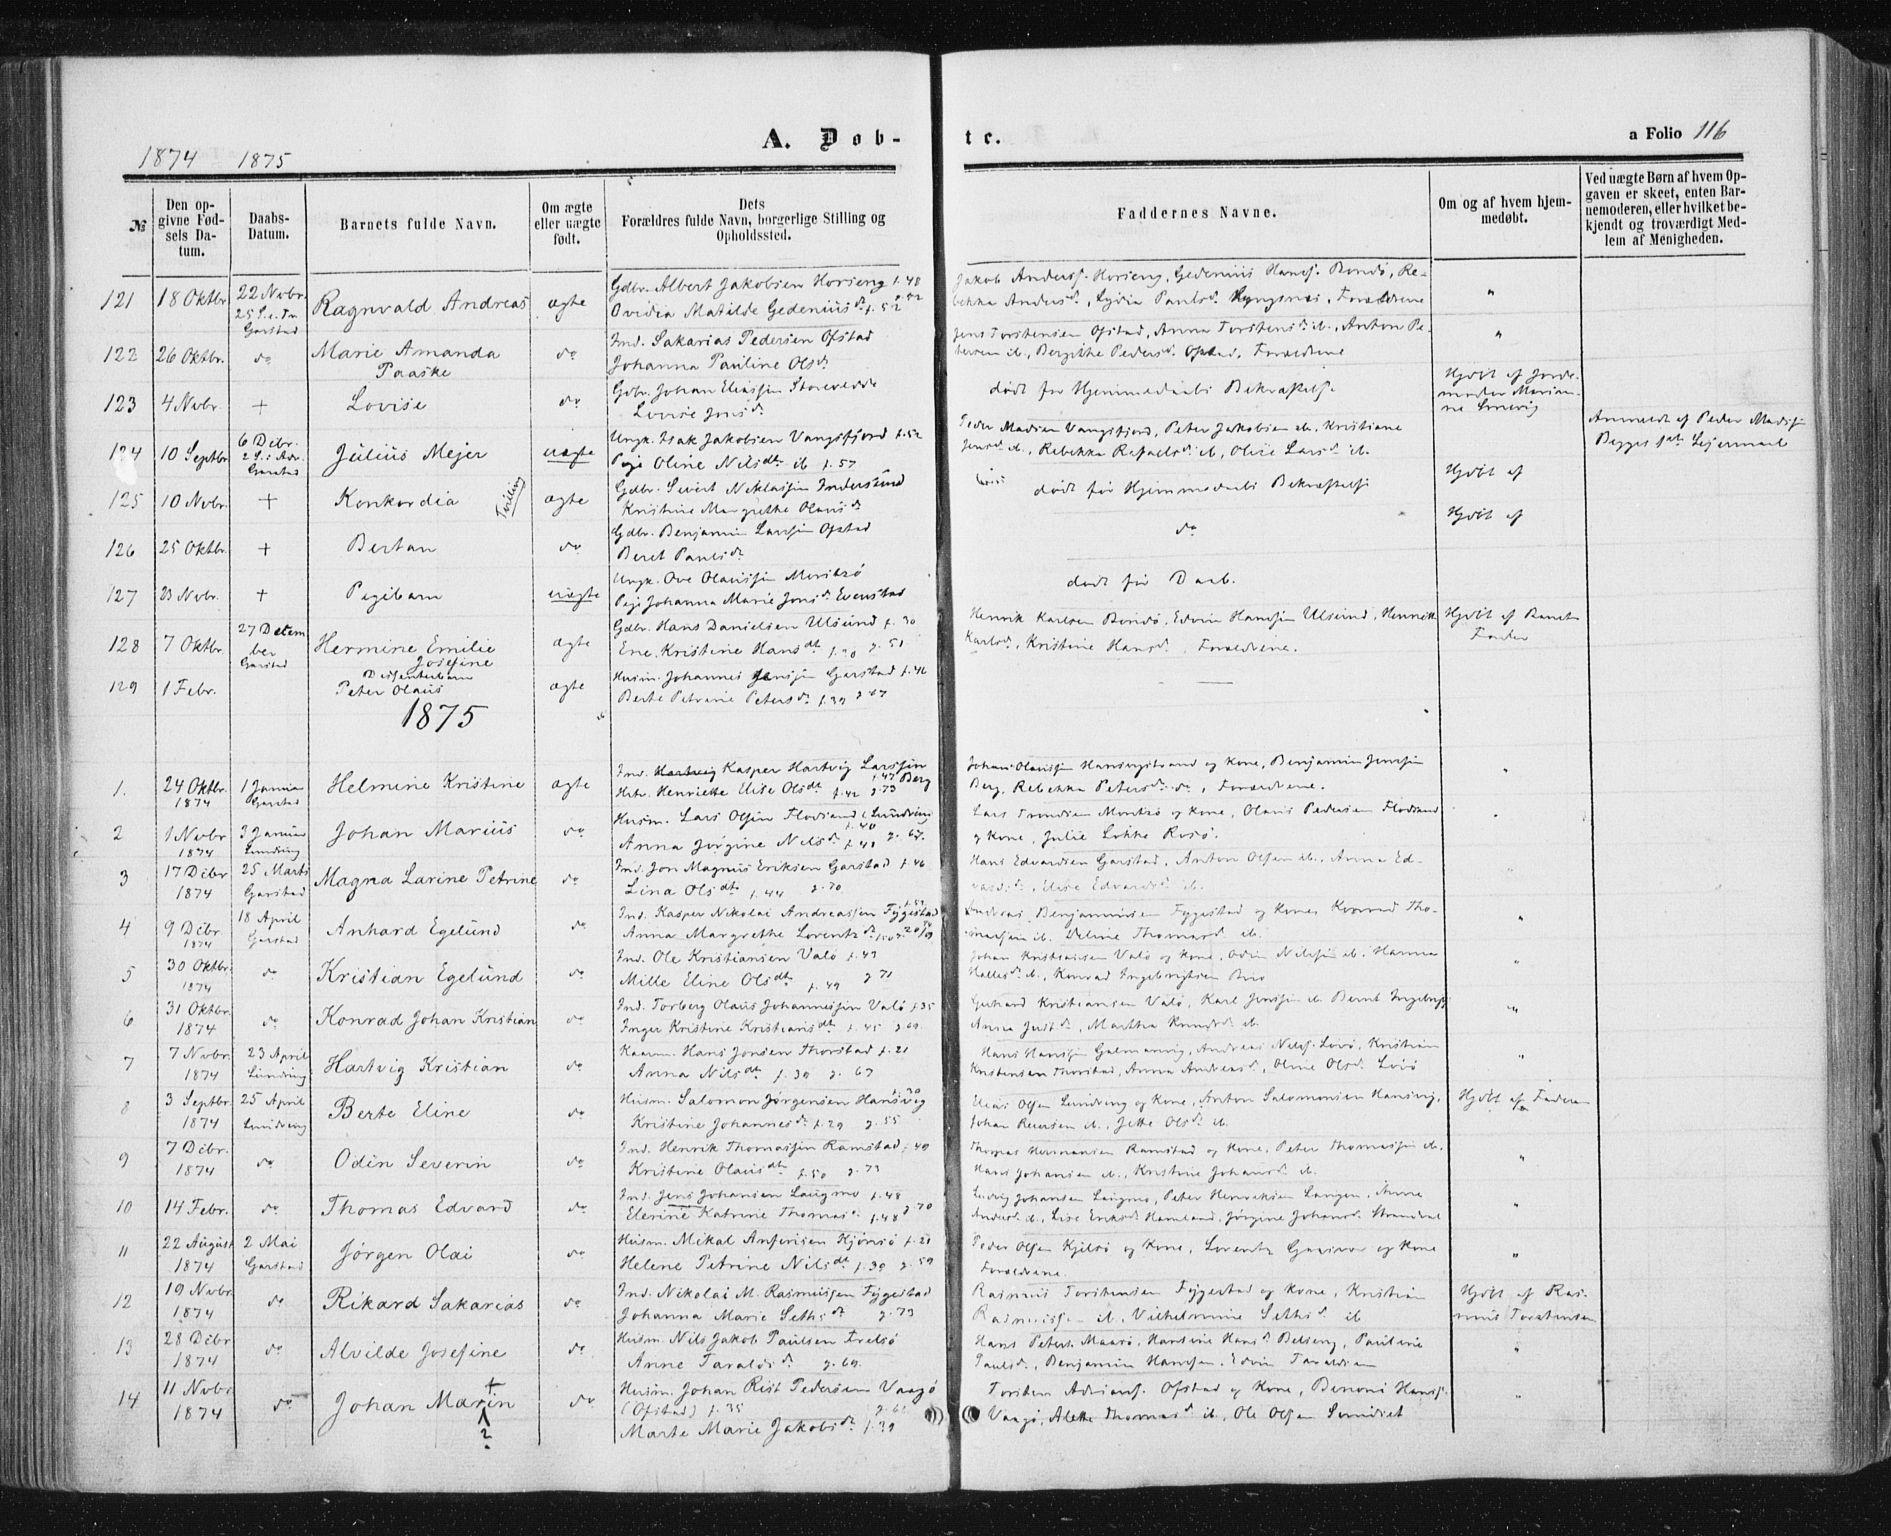 SAT, Ministerialprotokoller, klokkerbøker og fødselsregistre - Nord-Trøndelag, 784/L0670: Ministerialbok nr. 784A05, 1860-1876, s. 116